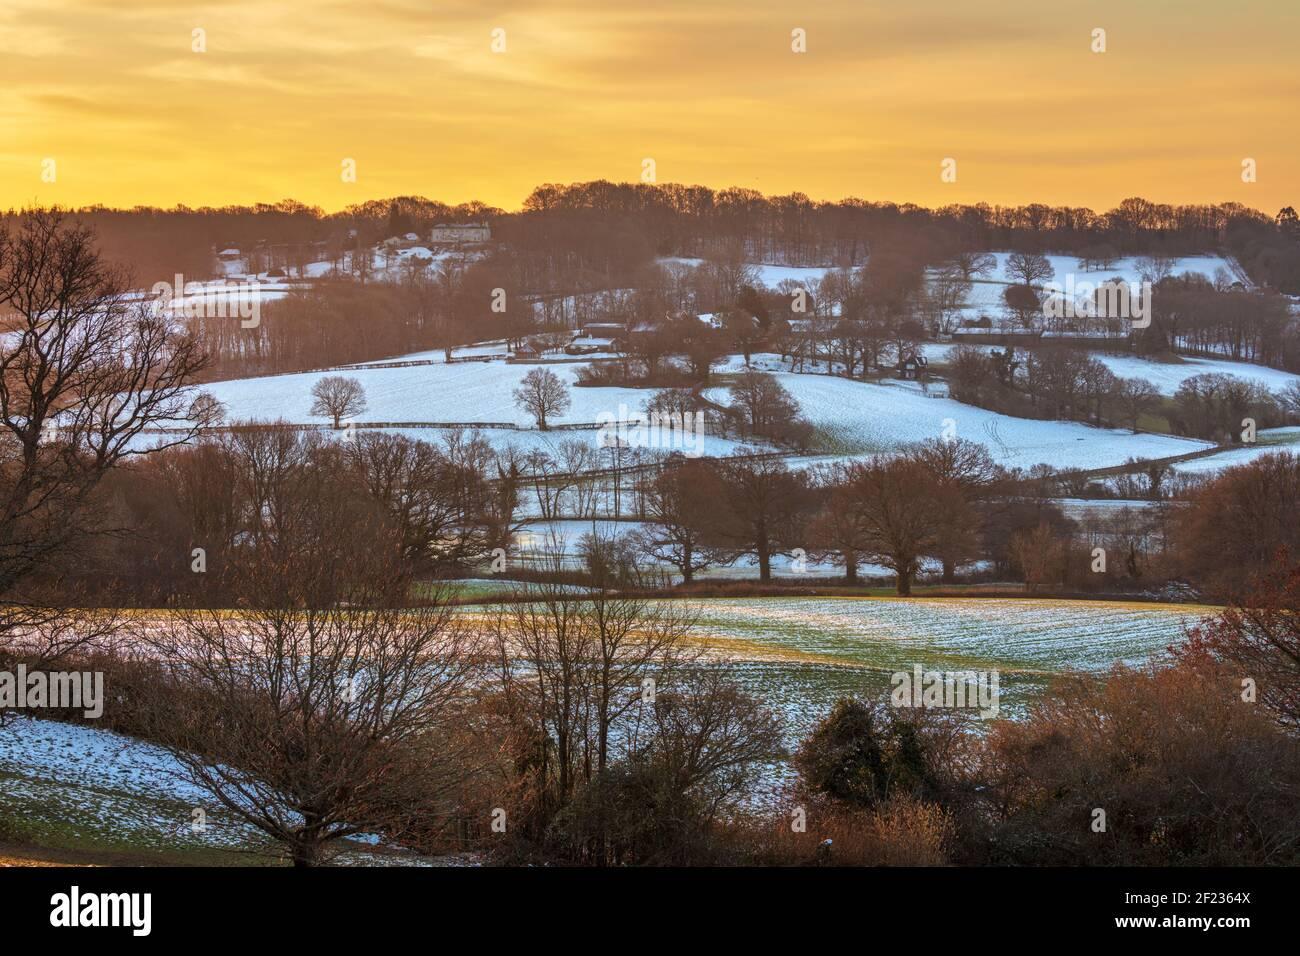 Amanecer invernal sobre el paisaje de High Weald, Burwash, East Sussex, Inglaterra, Reino Unido, Europa Foto de stock